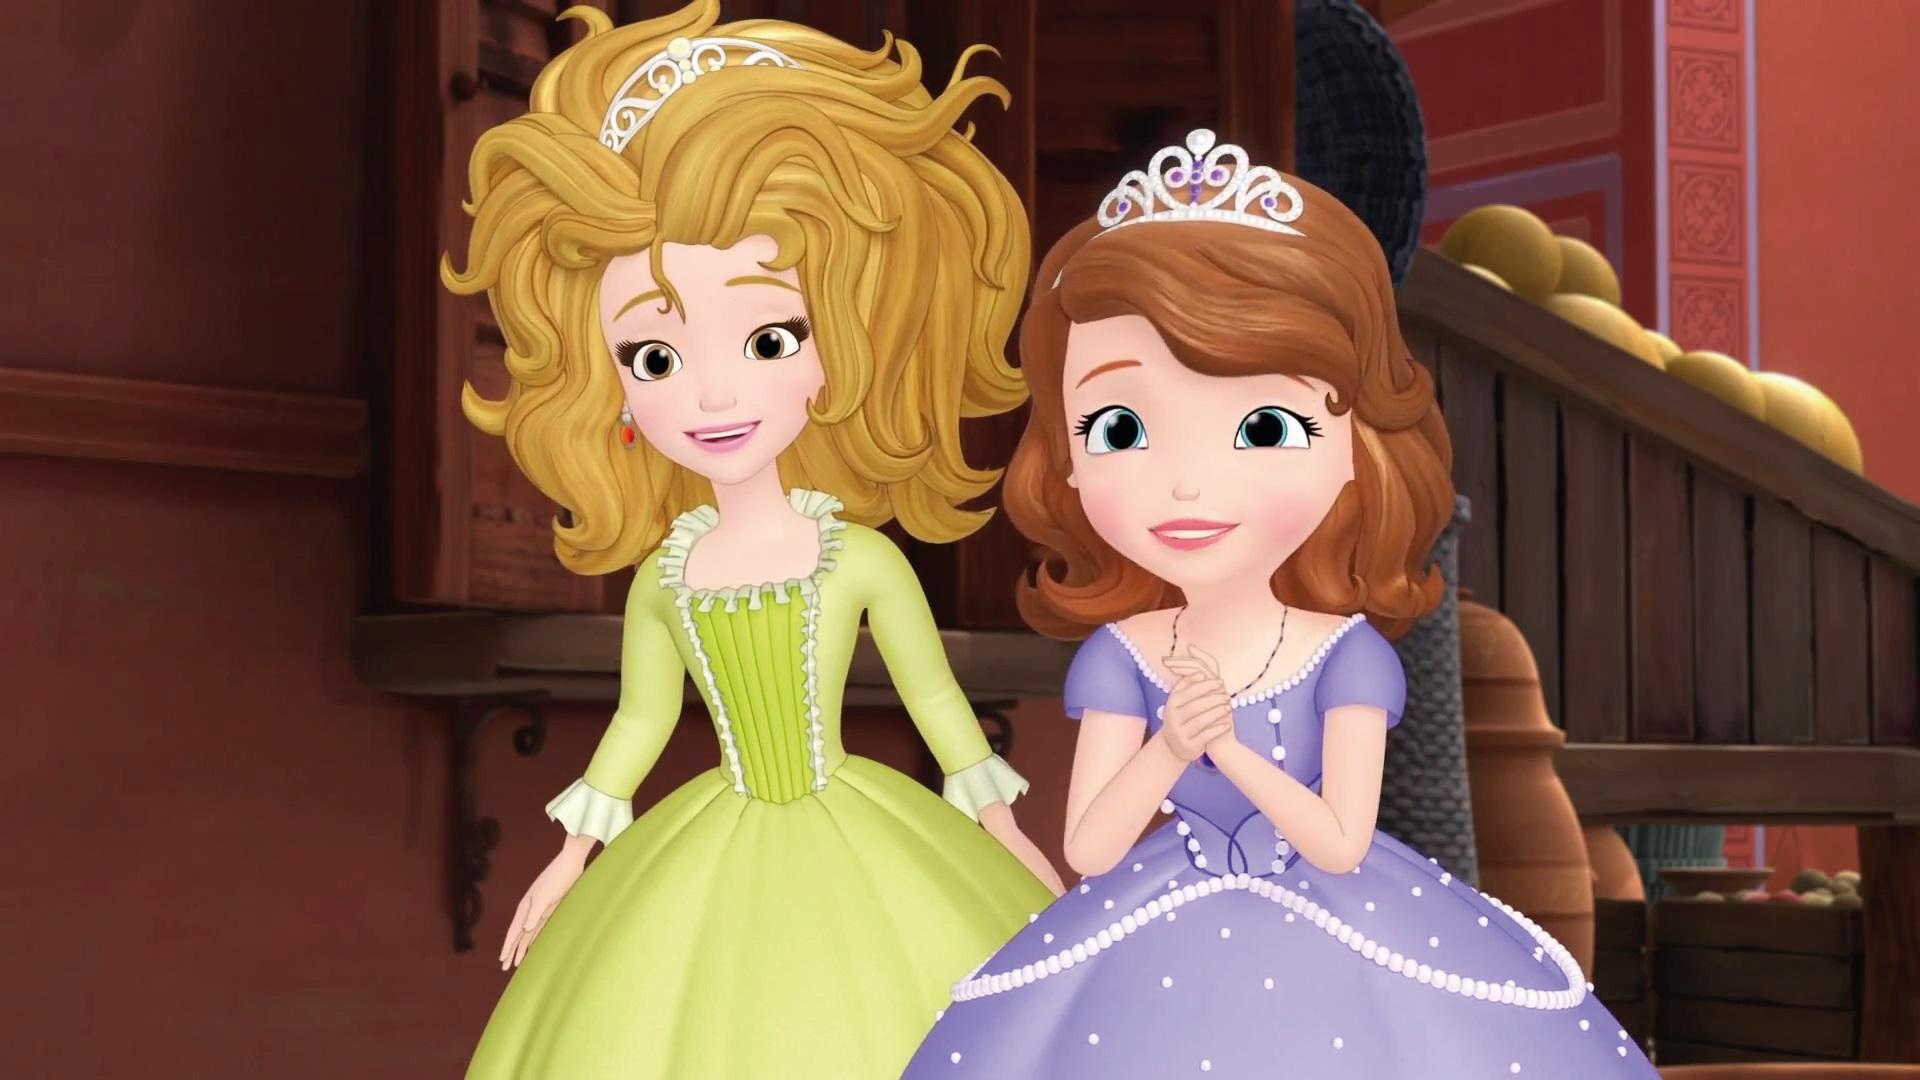 Image - Princess Amber 3.JPG - DisneyWiki